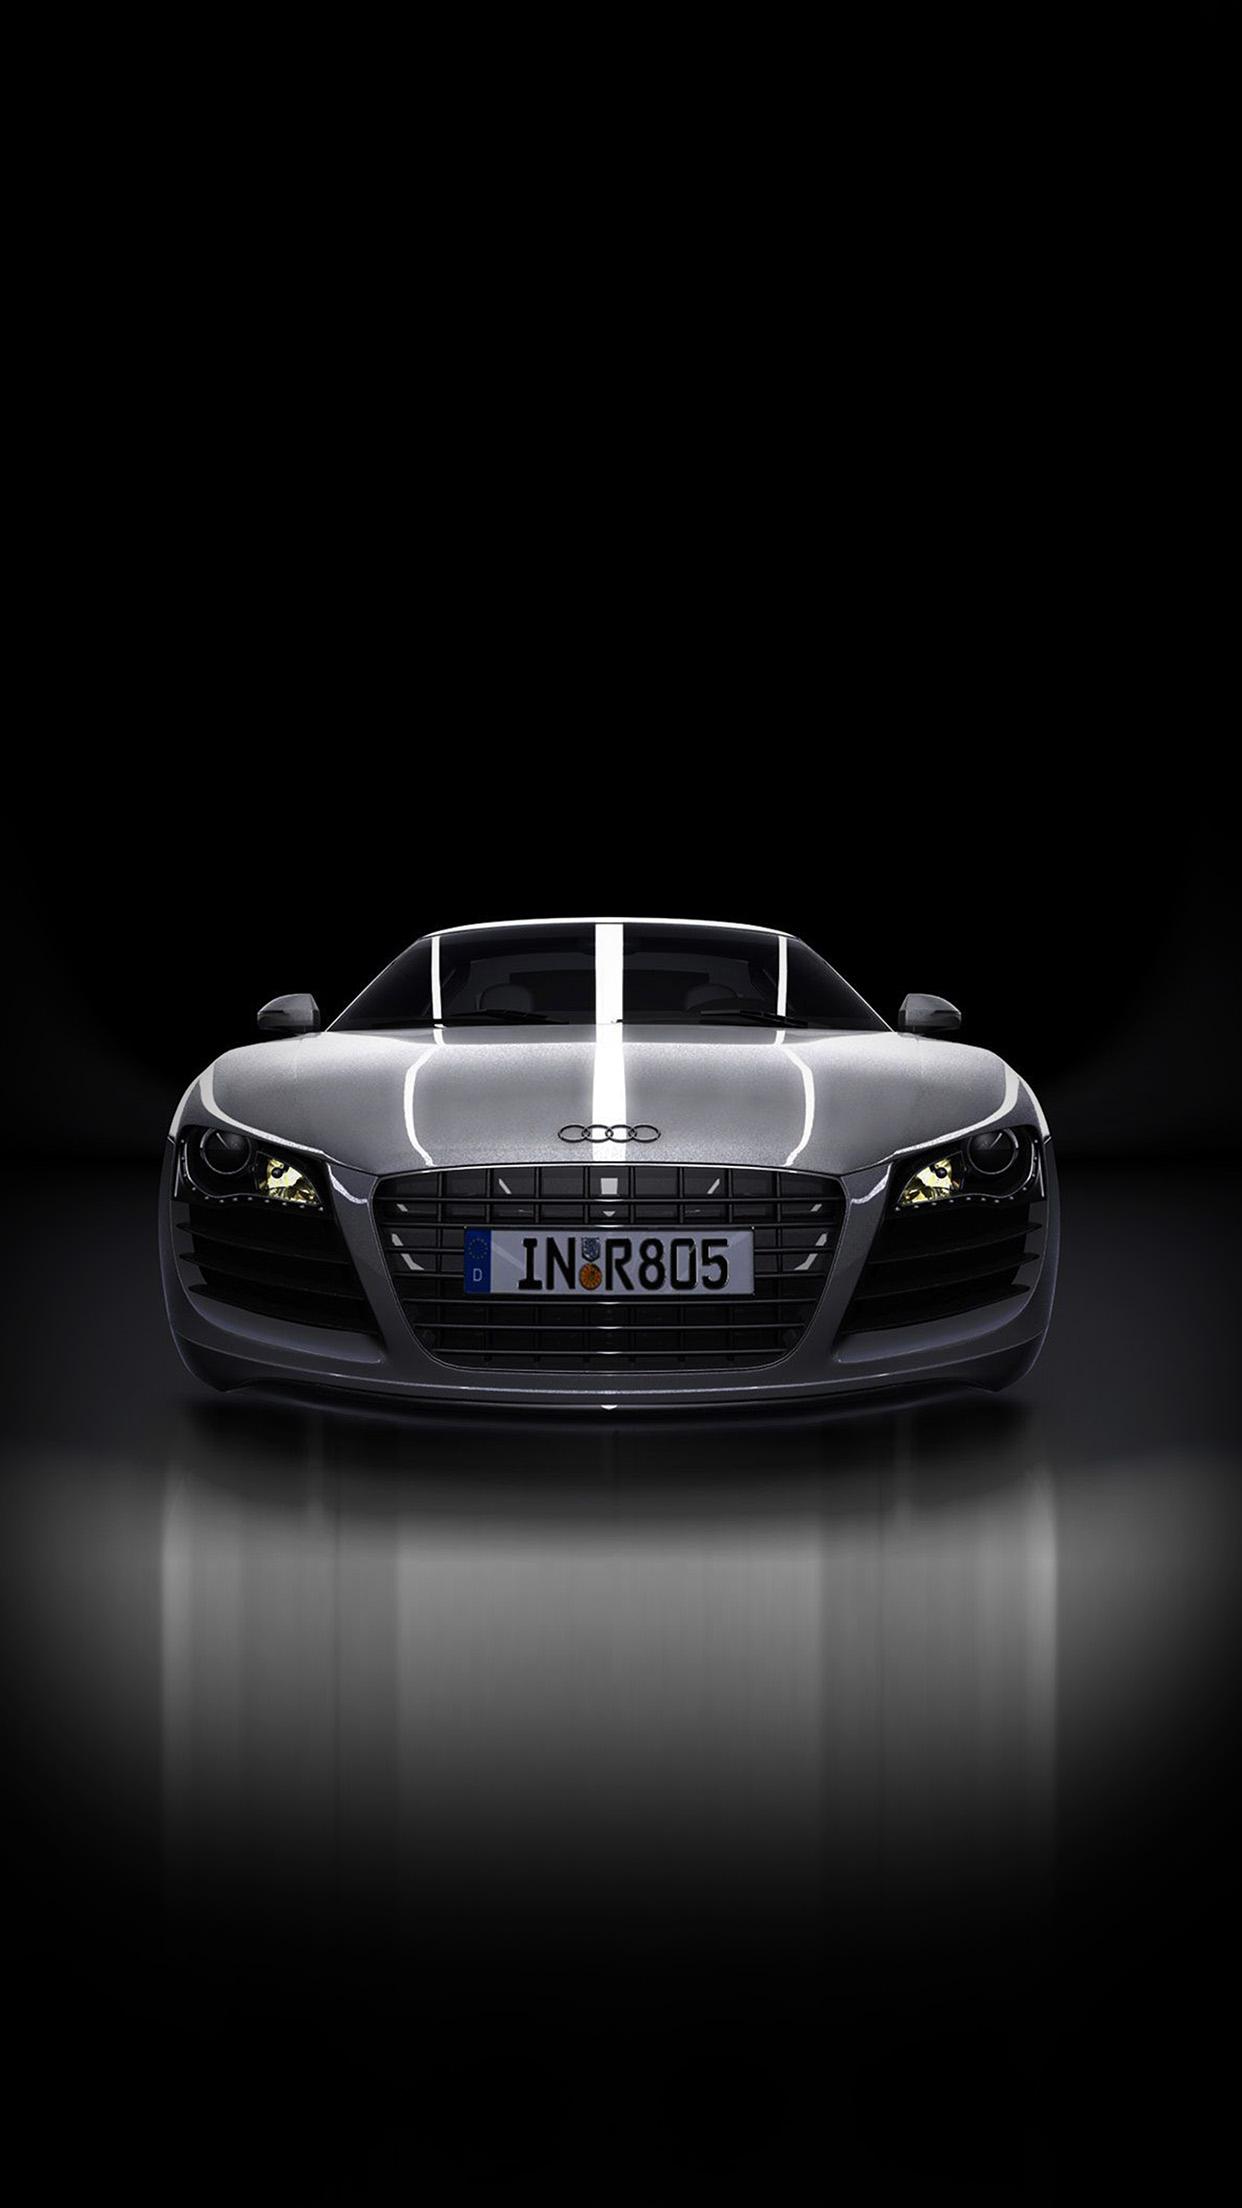 Iphone6papers Com Iphone 6 Wallpaper Av50 Audi Supercar Dark